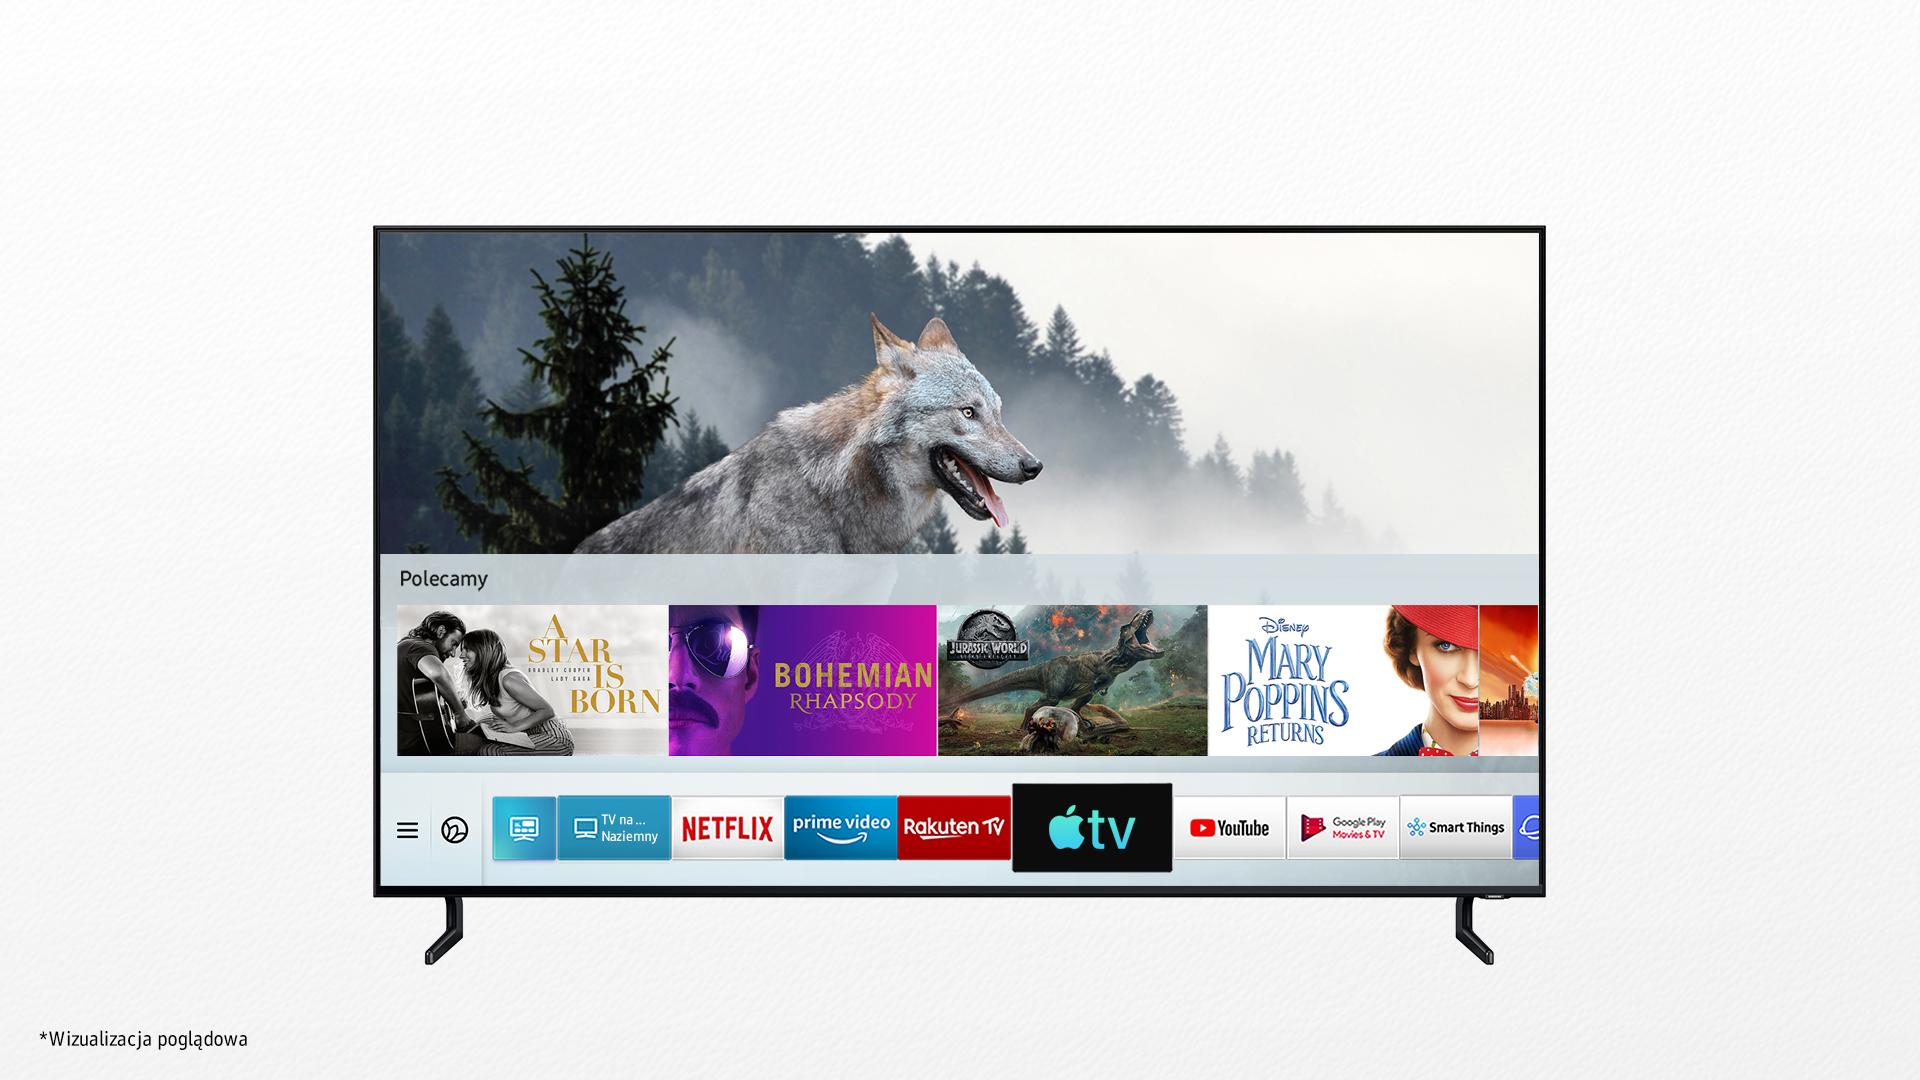 Telewizory Samsung Smart TV Apple TV AirPlay 2 jak to włączyć lista modeli Apple TV Plus Netflix produkcje oryginalne